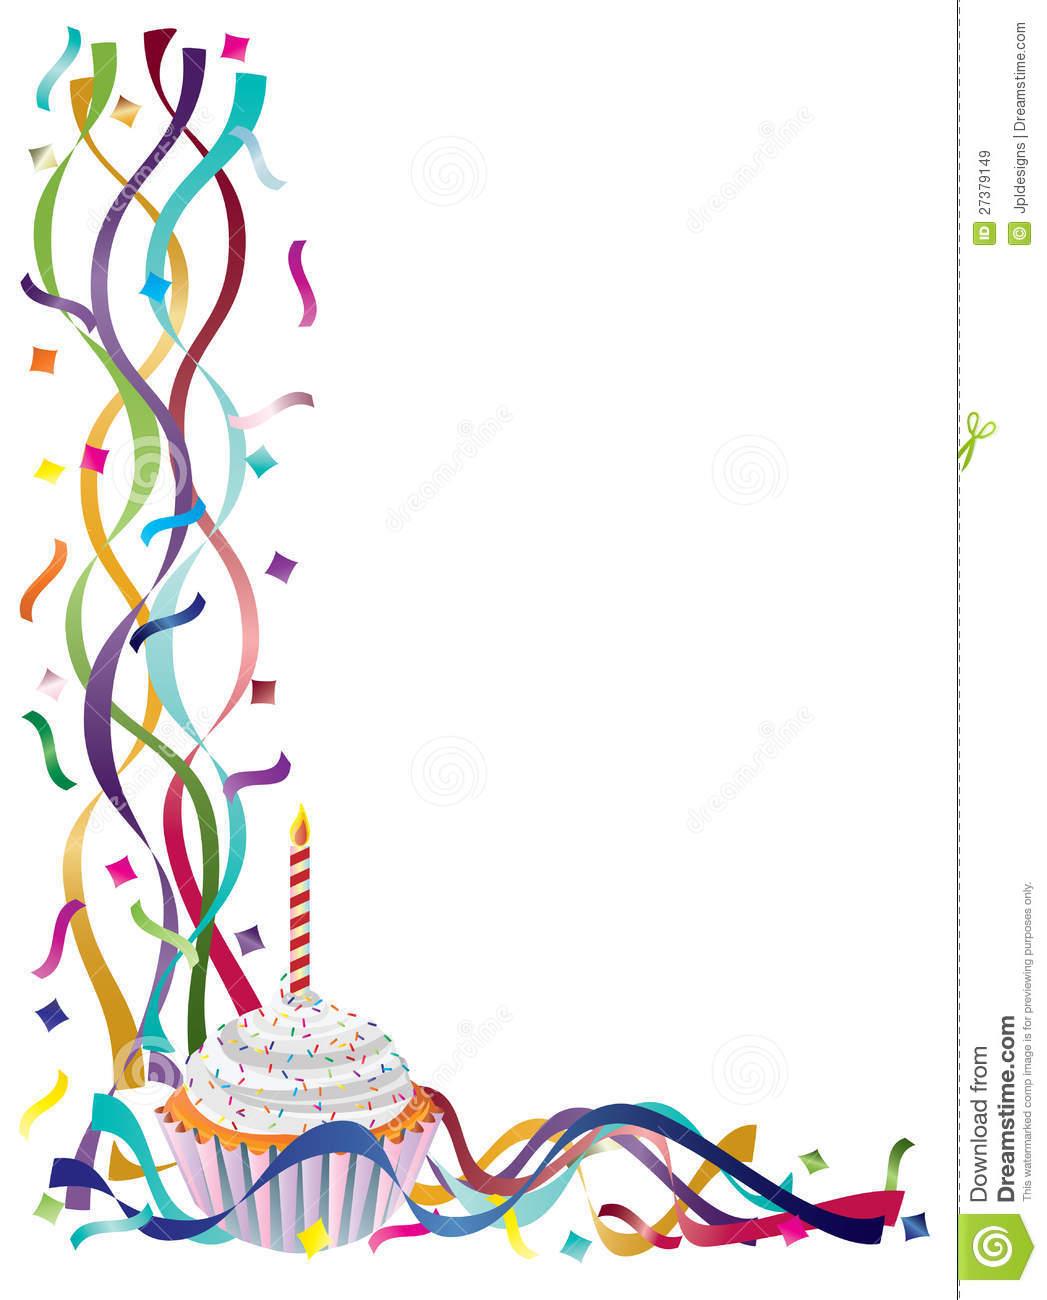 Happy Birthday Borders Clip .-happy birthday borders clip .-15